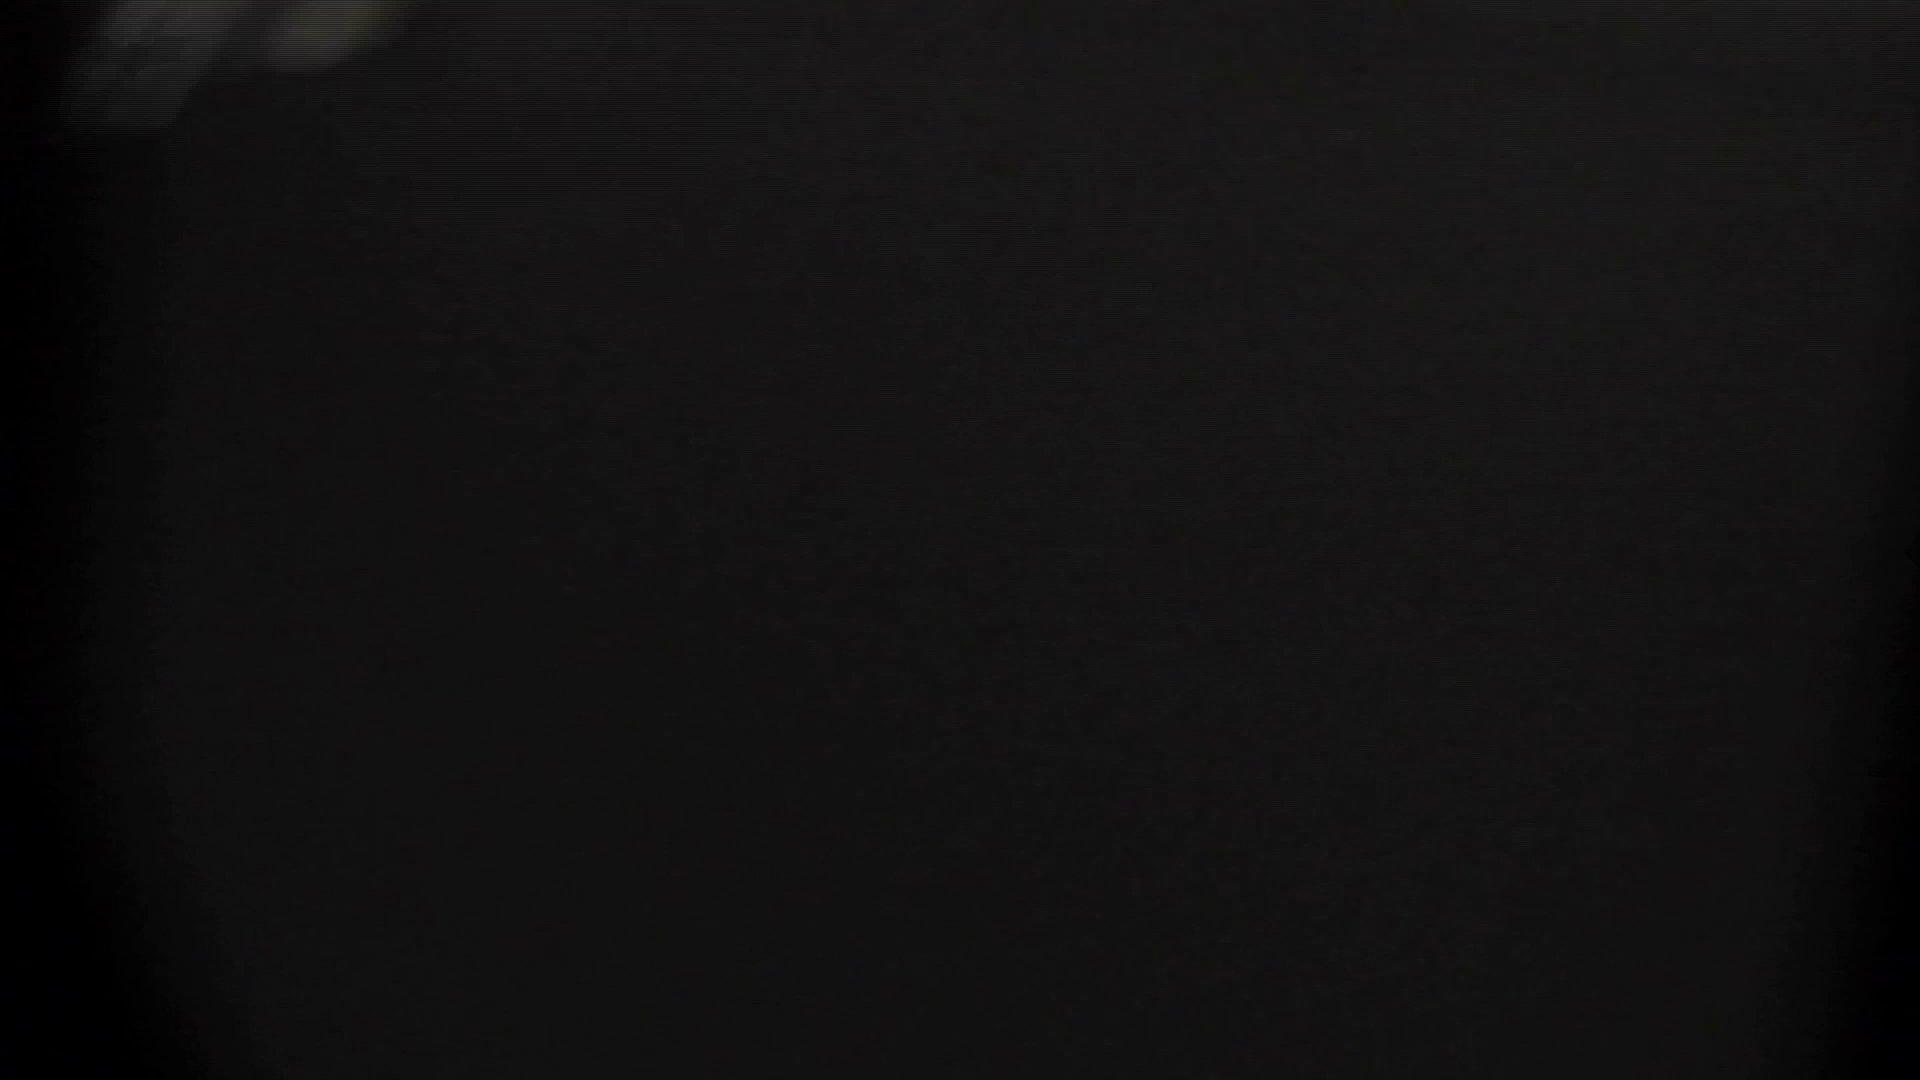 世界の射窓から ステーション編 vol.4 細身女性 オメコ動画キャプチャ 106画像 99